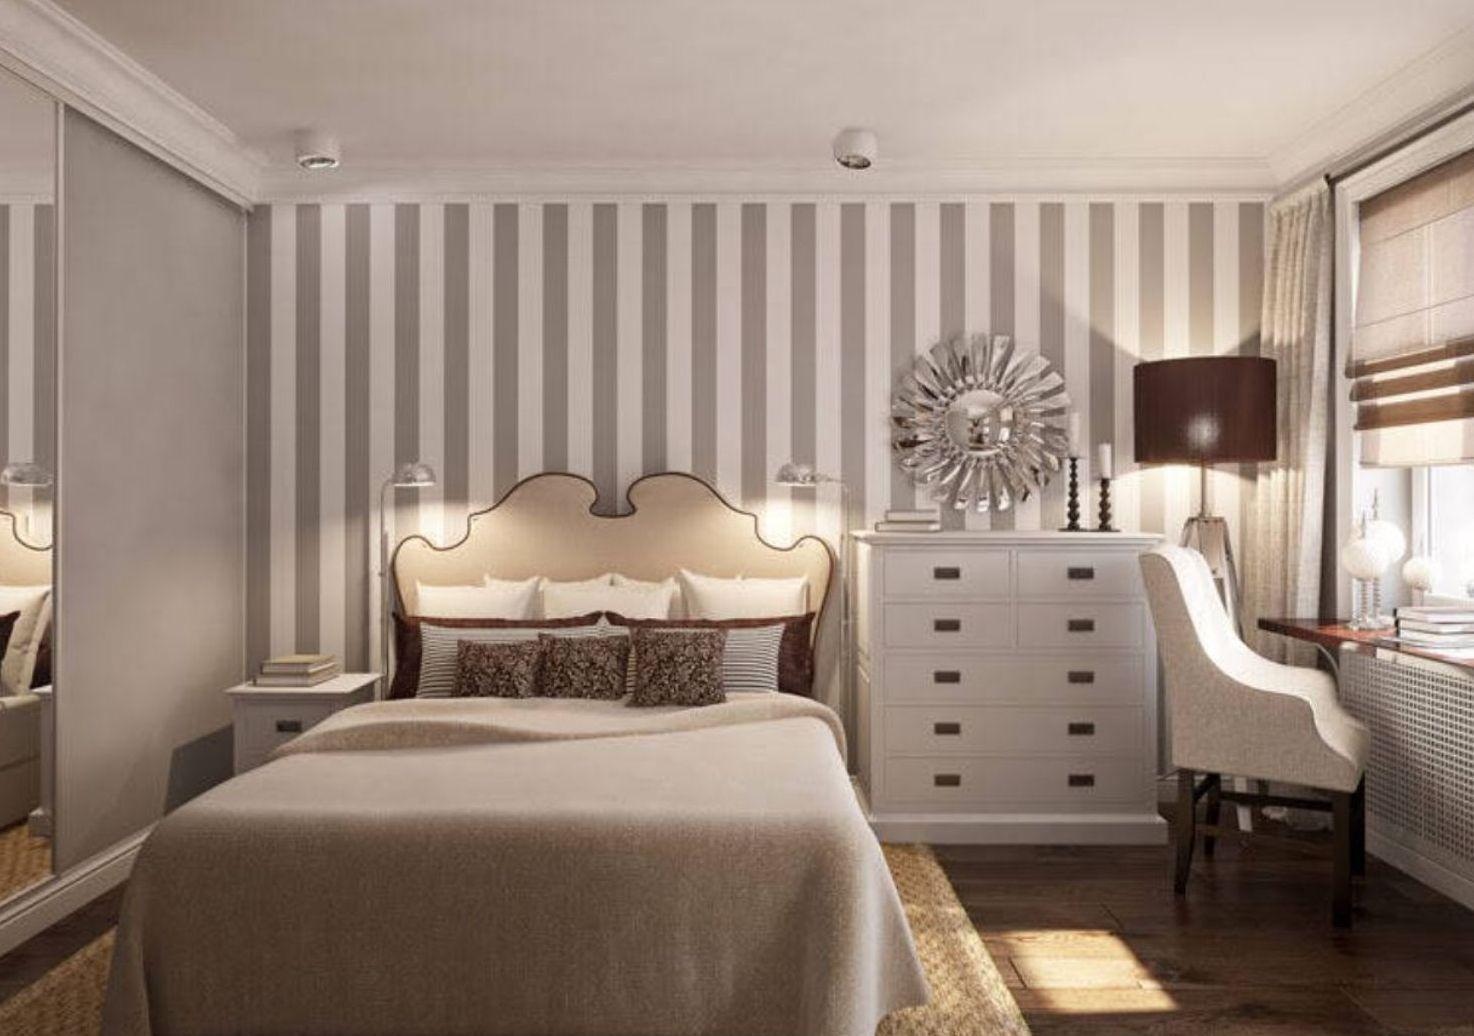 спальня 16 кв метров обои в вертикальную полоску